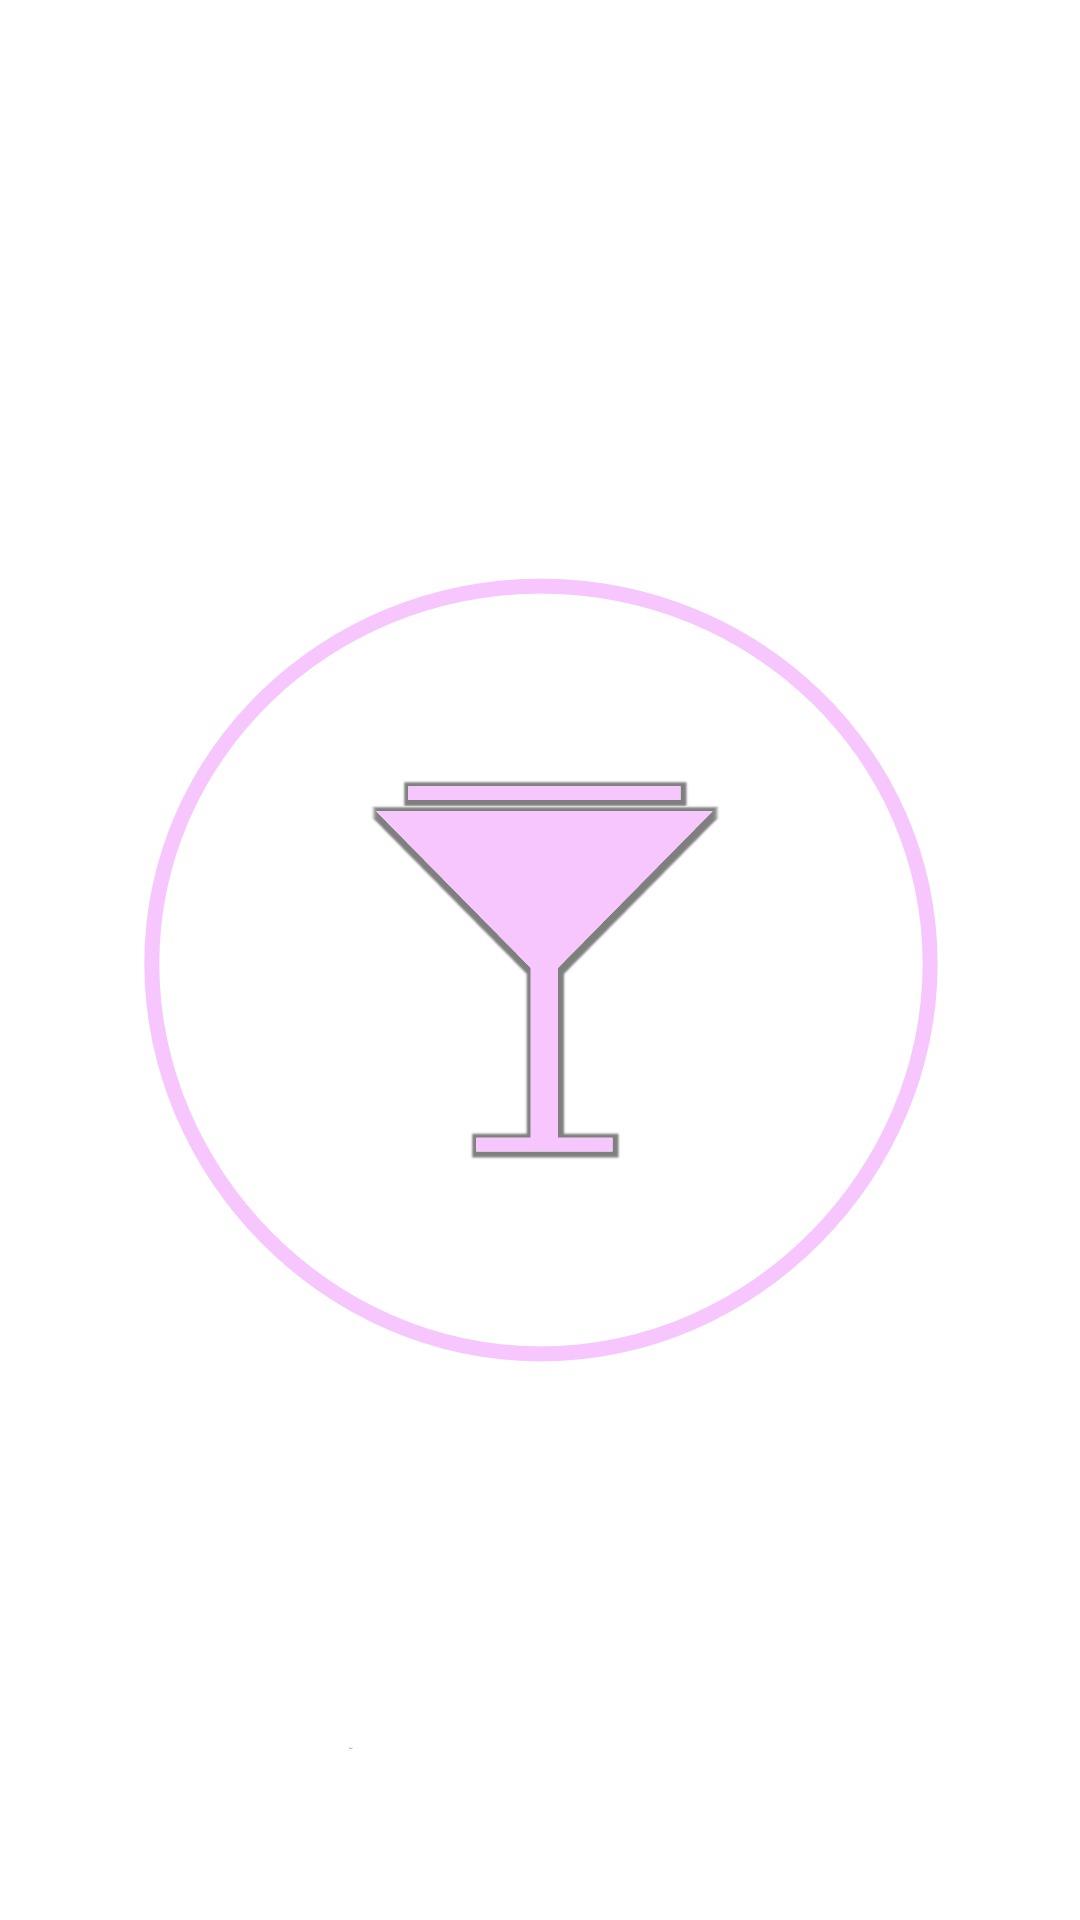 Instagram-cover-martiniglass-pinkwhite-lotnotes.com.jpg